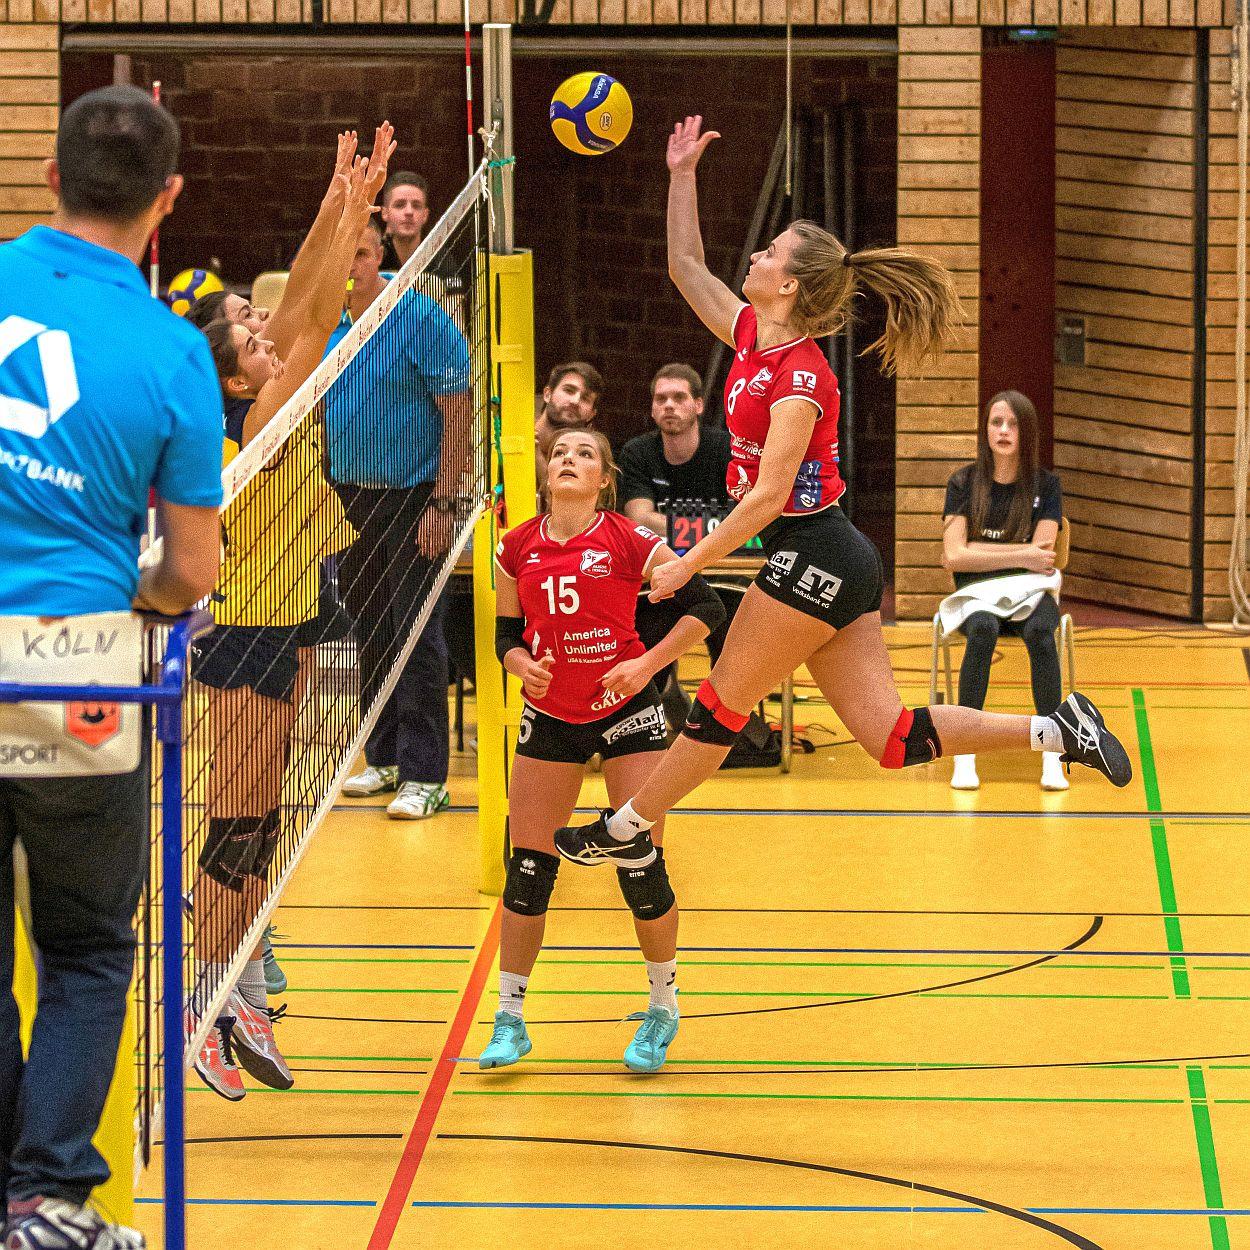 Heiß aufs Derby gegen Hildesheim – Aligses Volleyballfrauen wollen wieder punkten